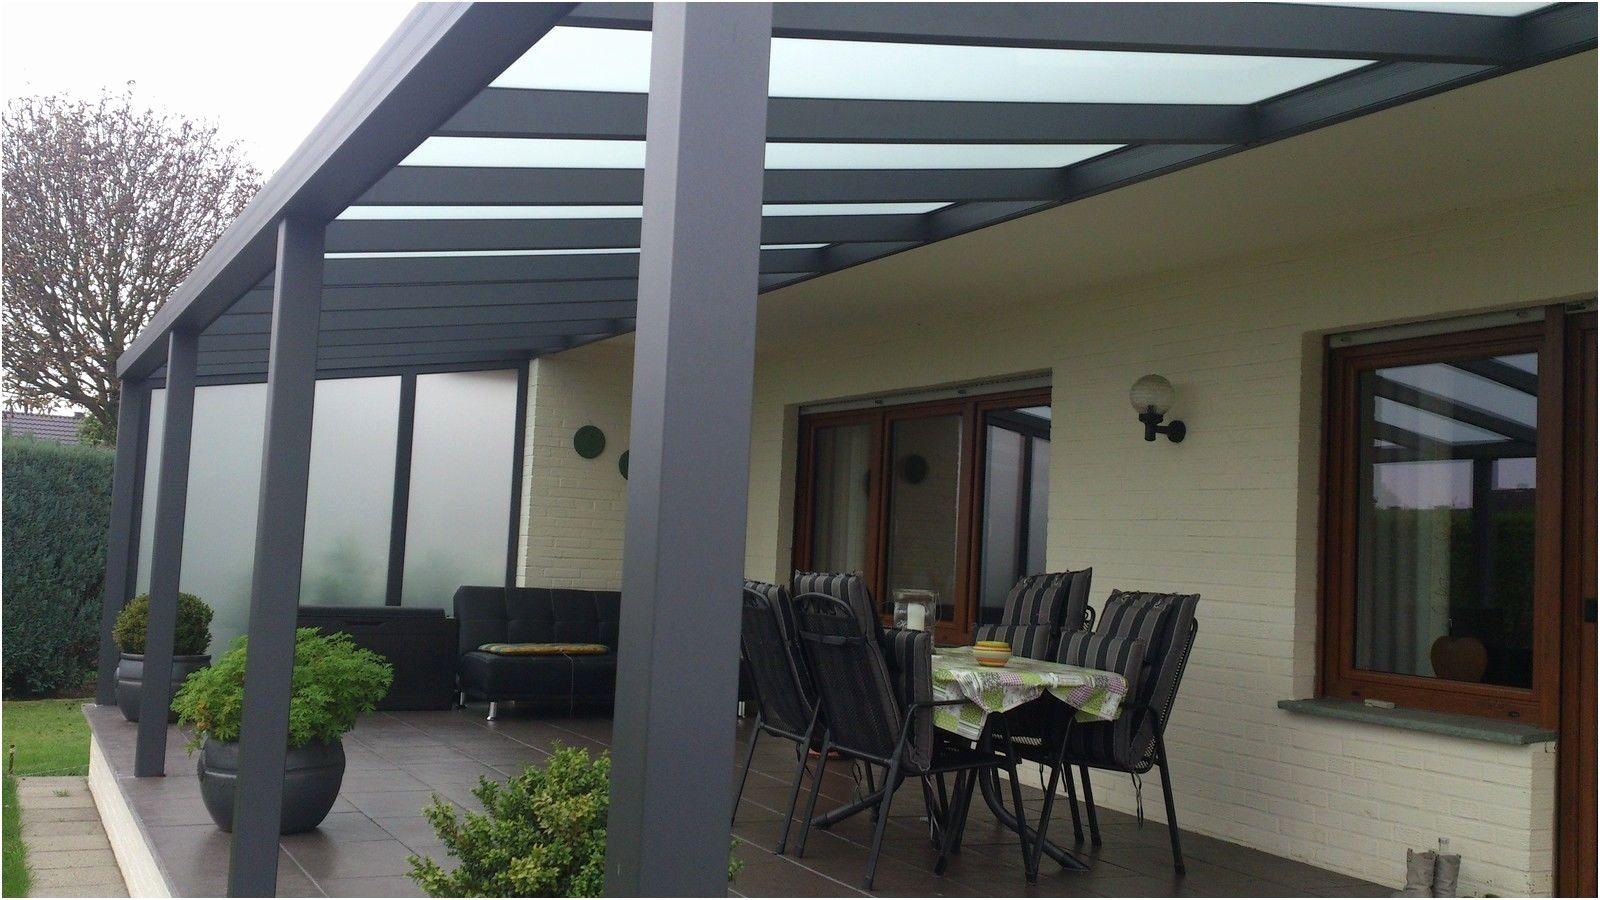 Terrassenüberdachung Alu Bausatz Luxus Terrassendach